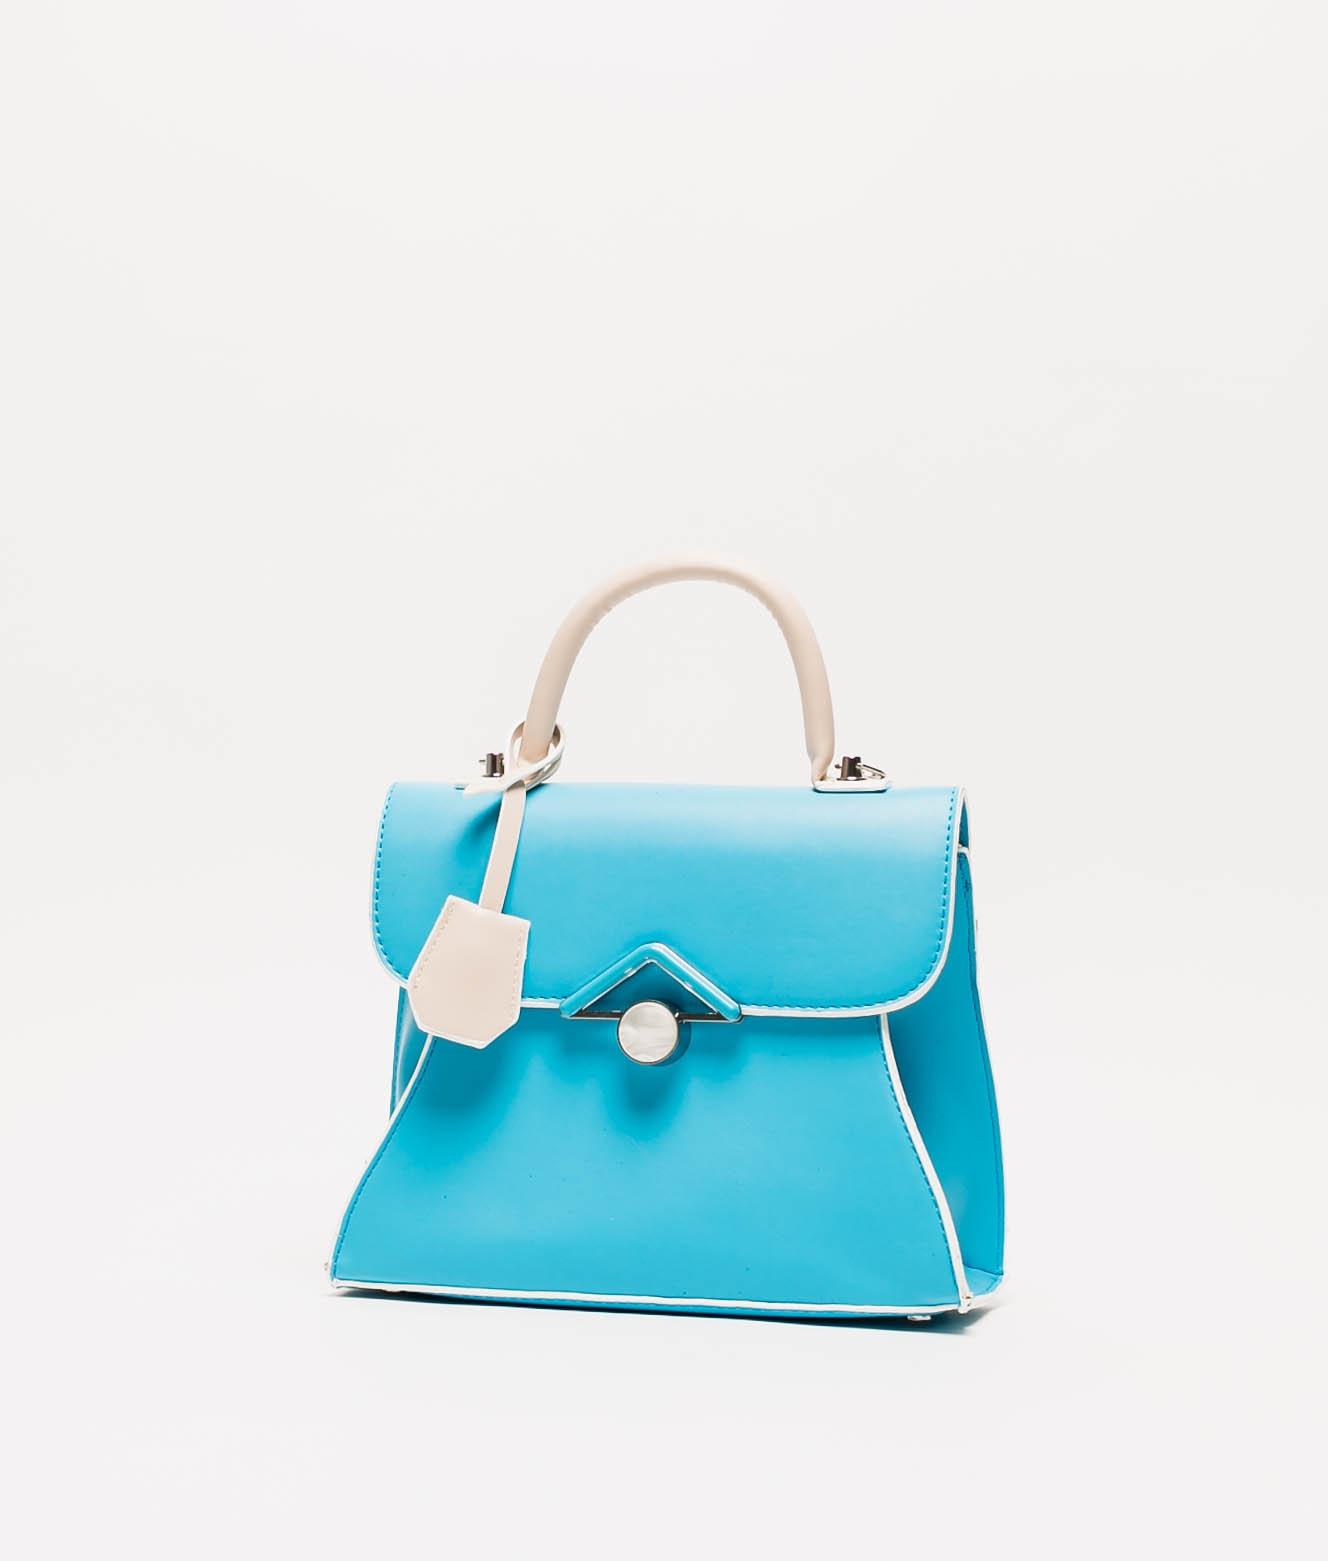 TLINGLIT BAG - BLUE